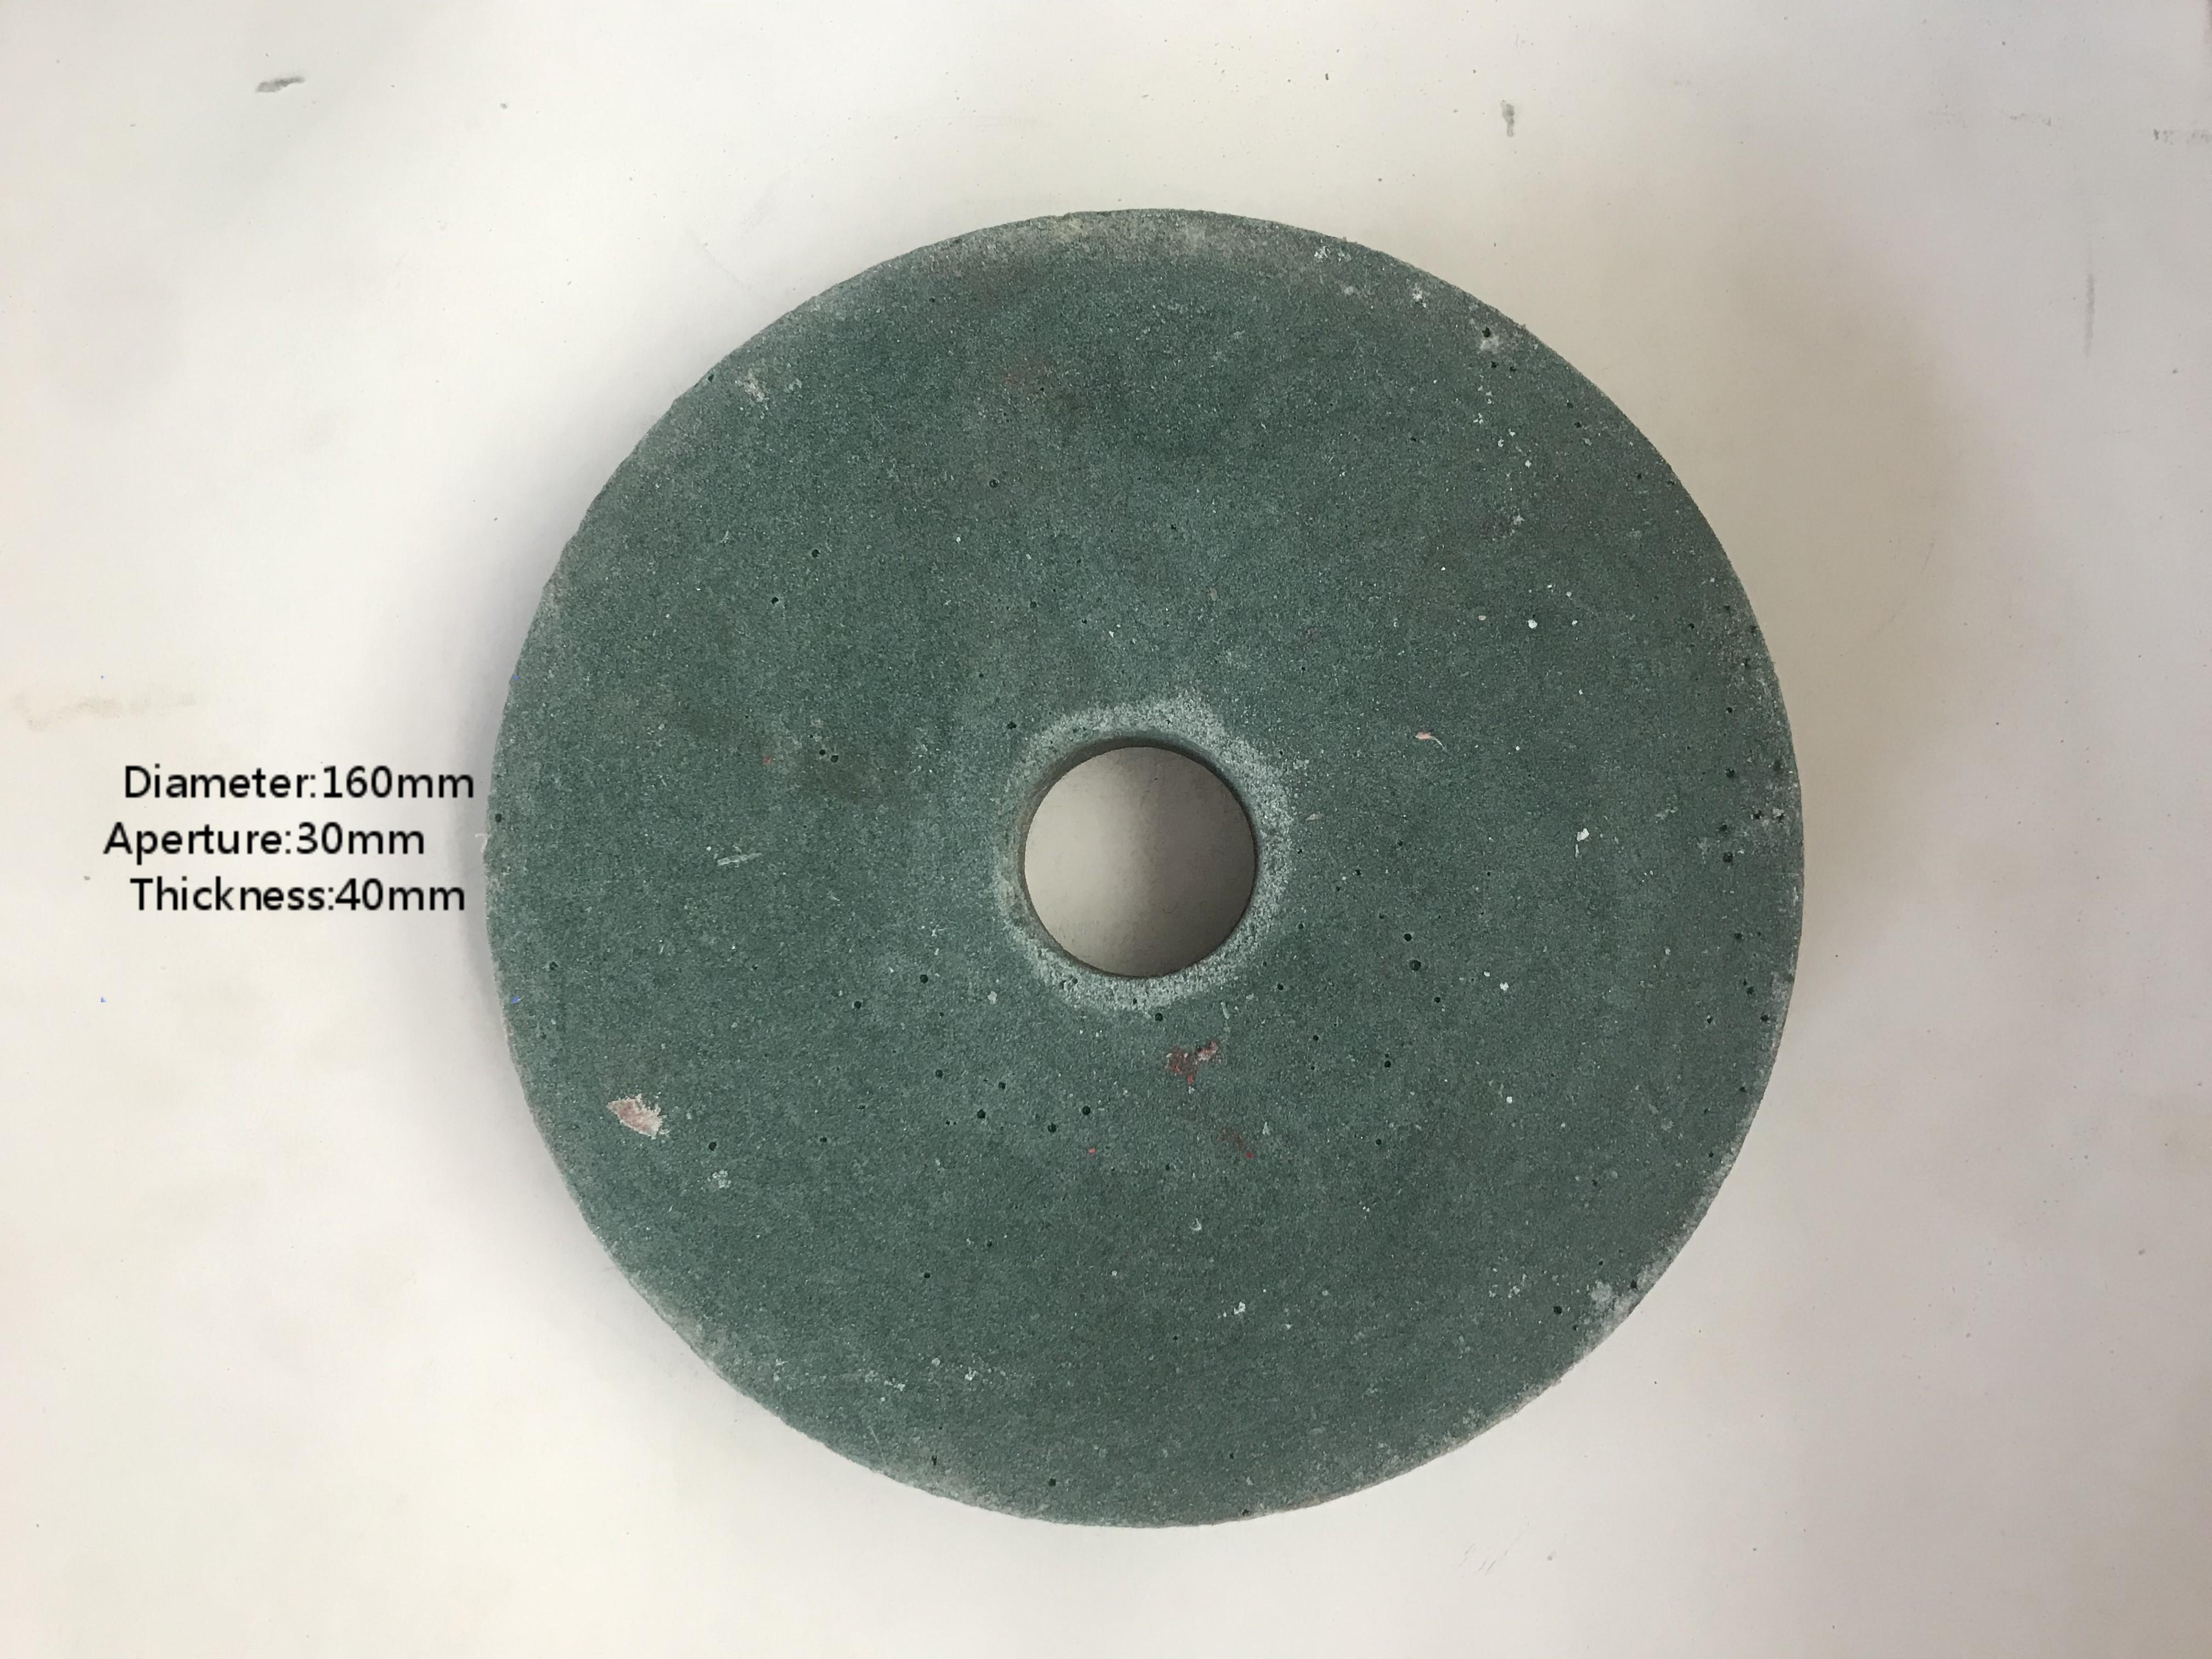 T.40mm sresin wheel